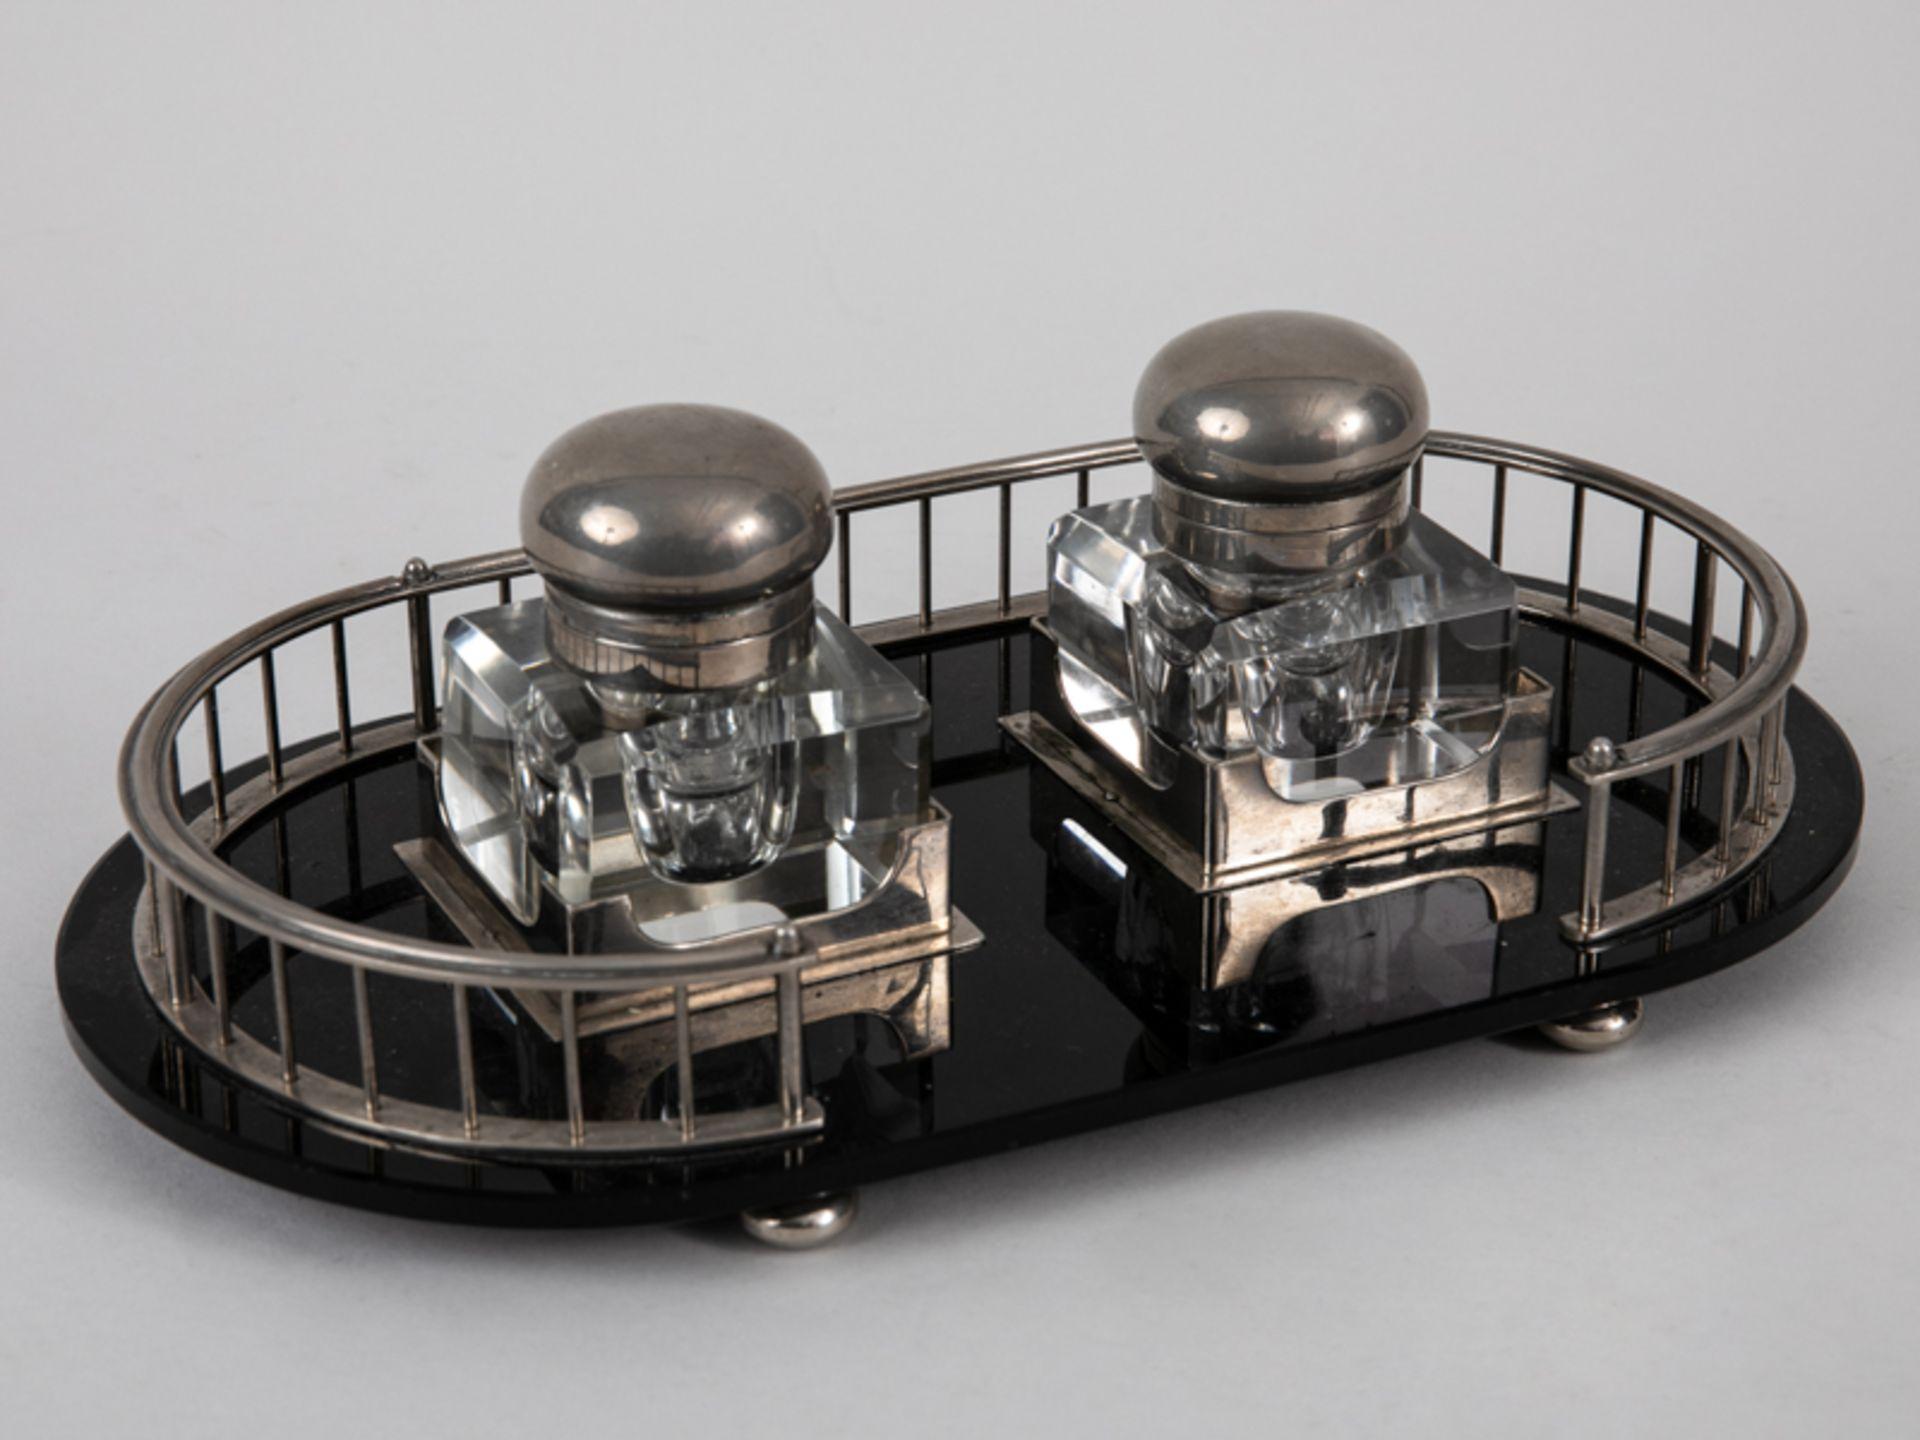 Art-Déco-Schreibtischgarnitur mit 2 Tintenfässern, Anf. 20. Jh. Glas und Nickel; 3-teilig, be - Bild 2 aus 6